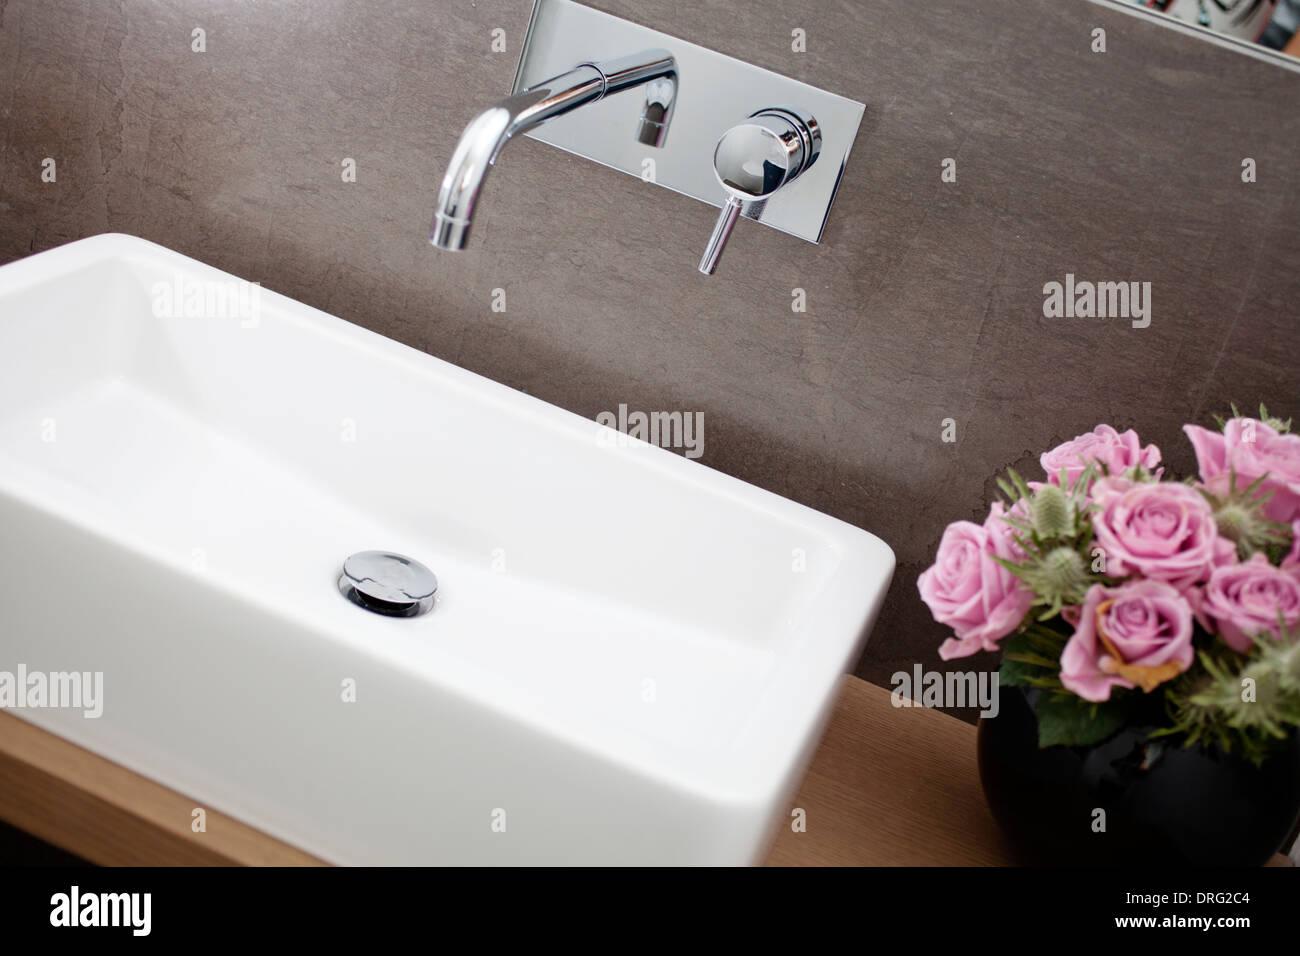 Bagno Con Lavandino Quadrato E Cromato Rubinetto. Le Rose Sul Lato